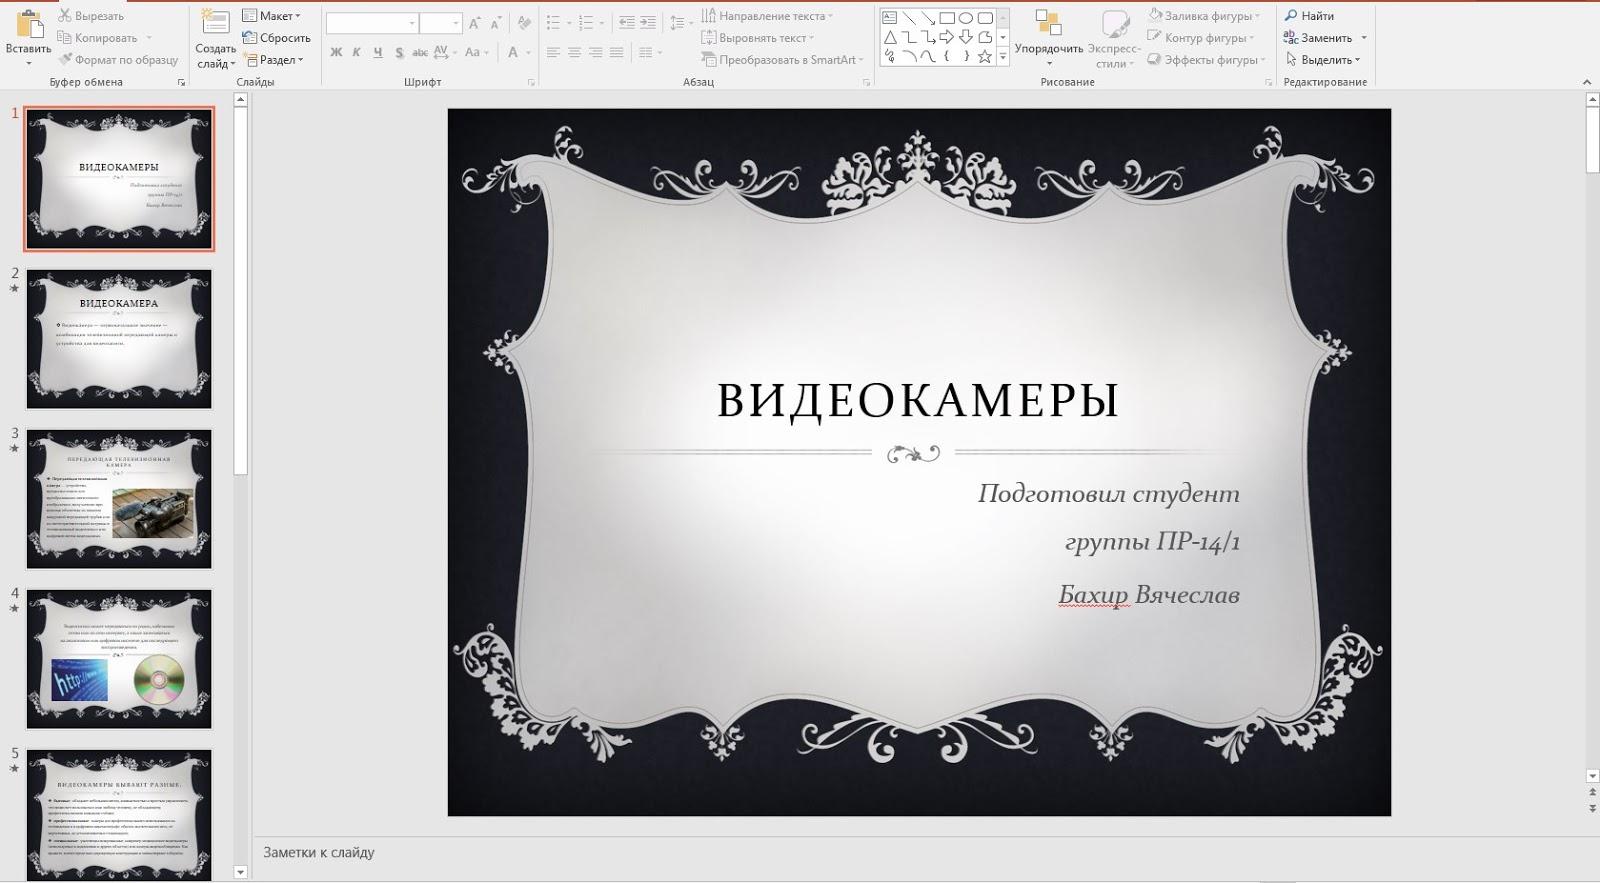 Как в компьютере сделать слайд шоу